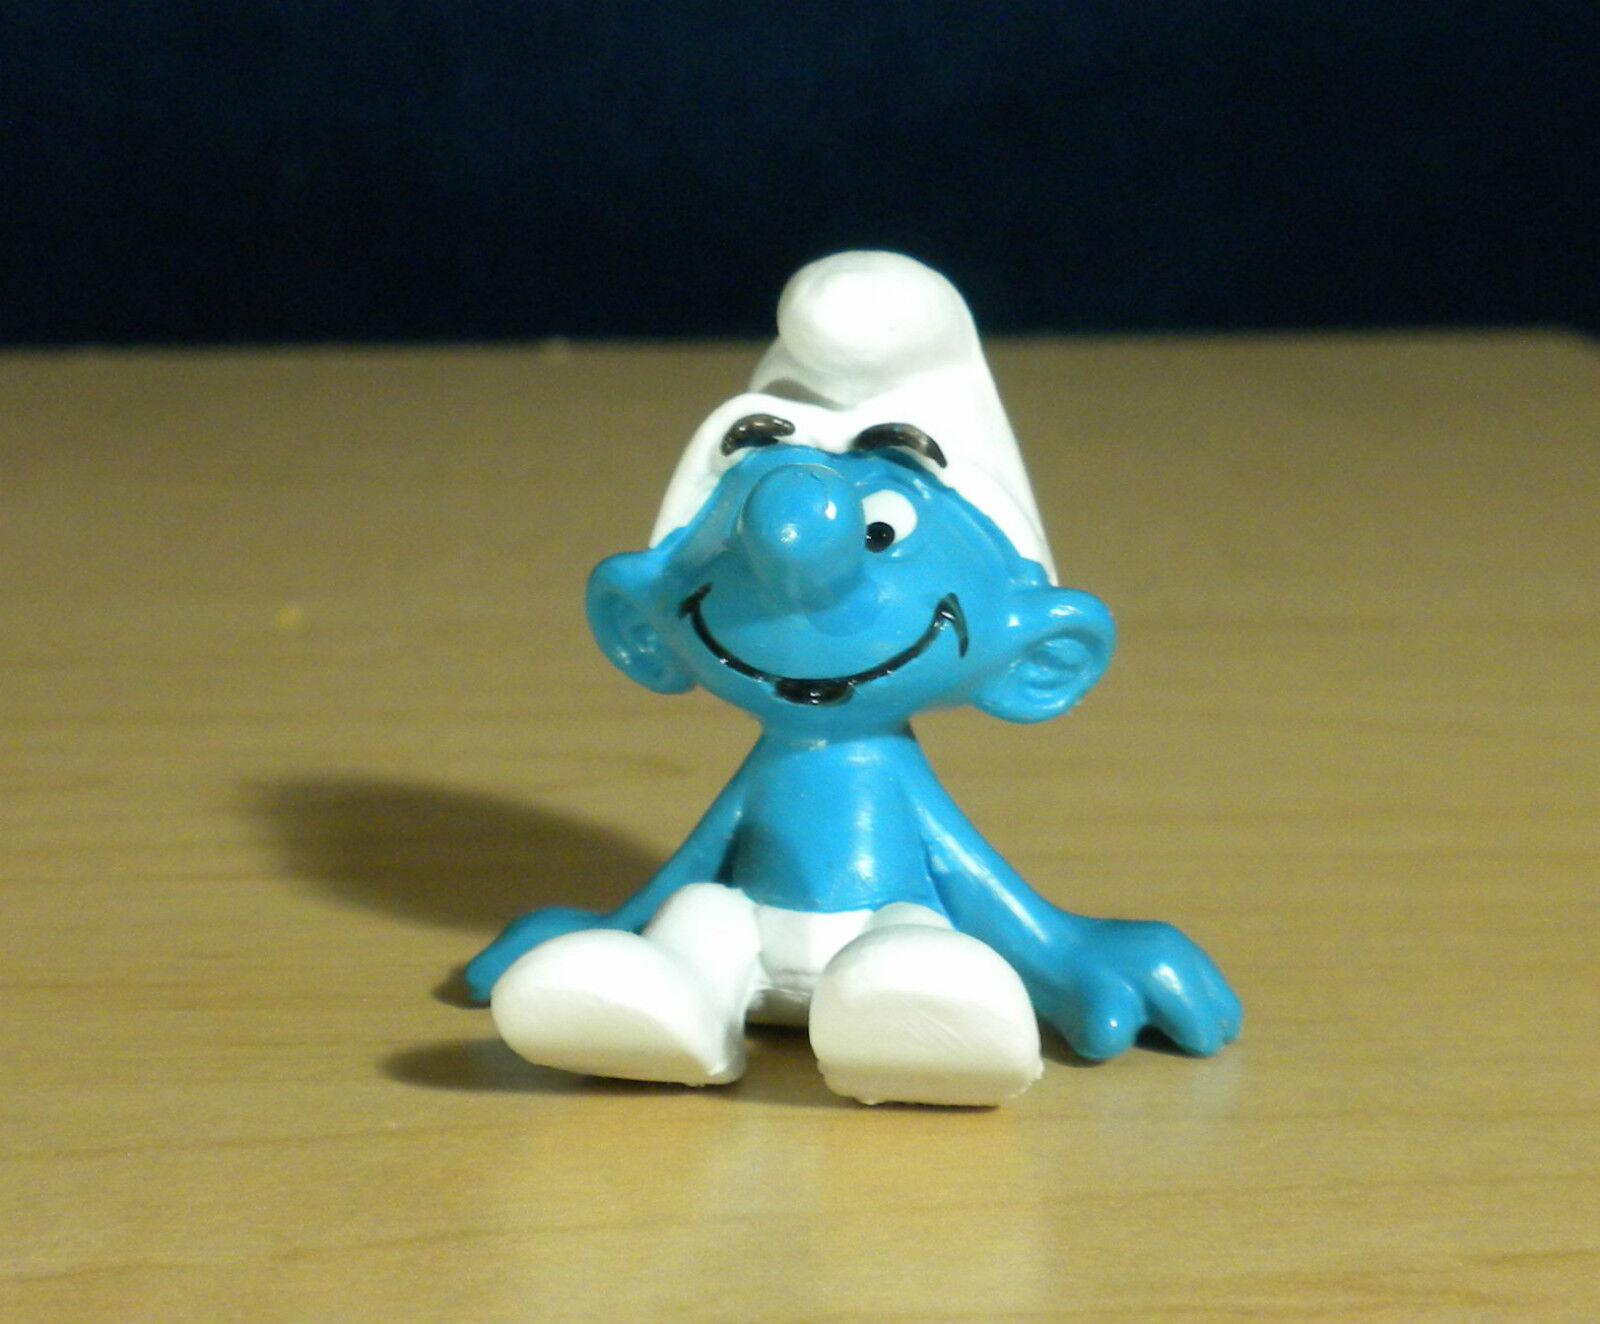 Smurfer 20026 Sittande smurf Sitter Sällsynt årgång Figur PVC leksak Figur 1979 Peyo